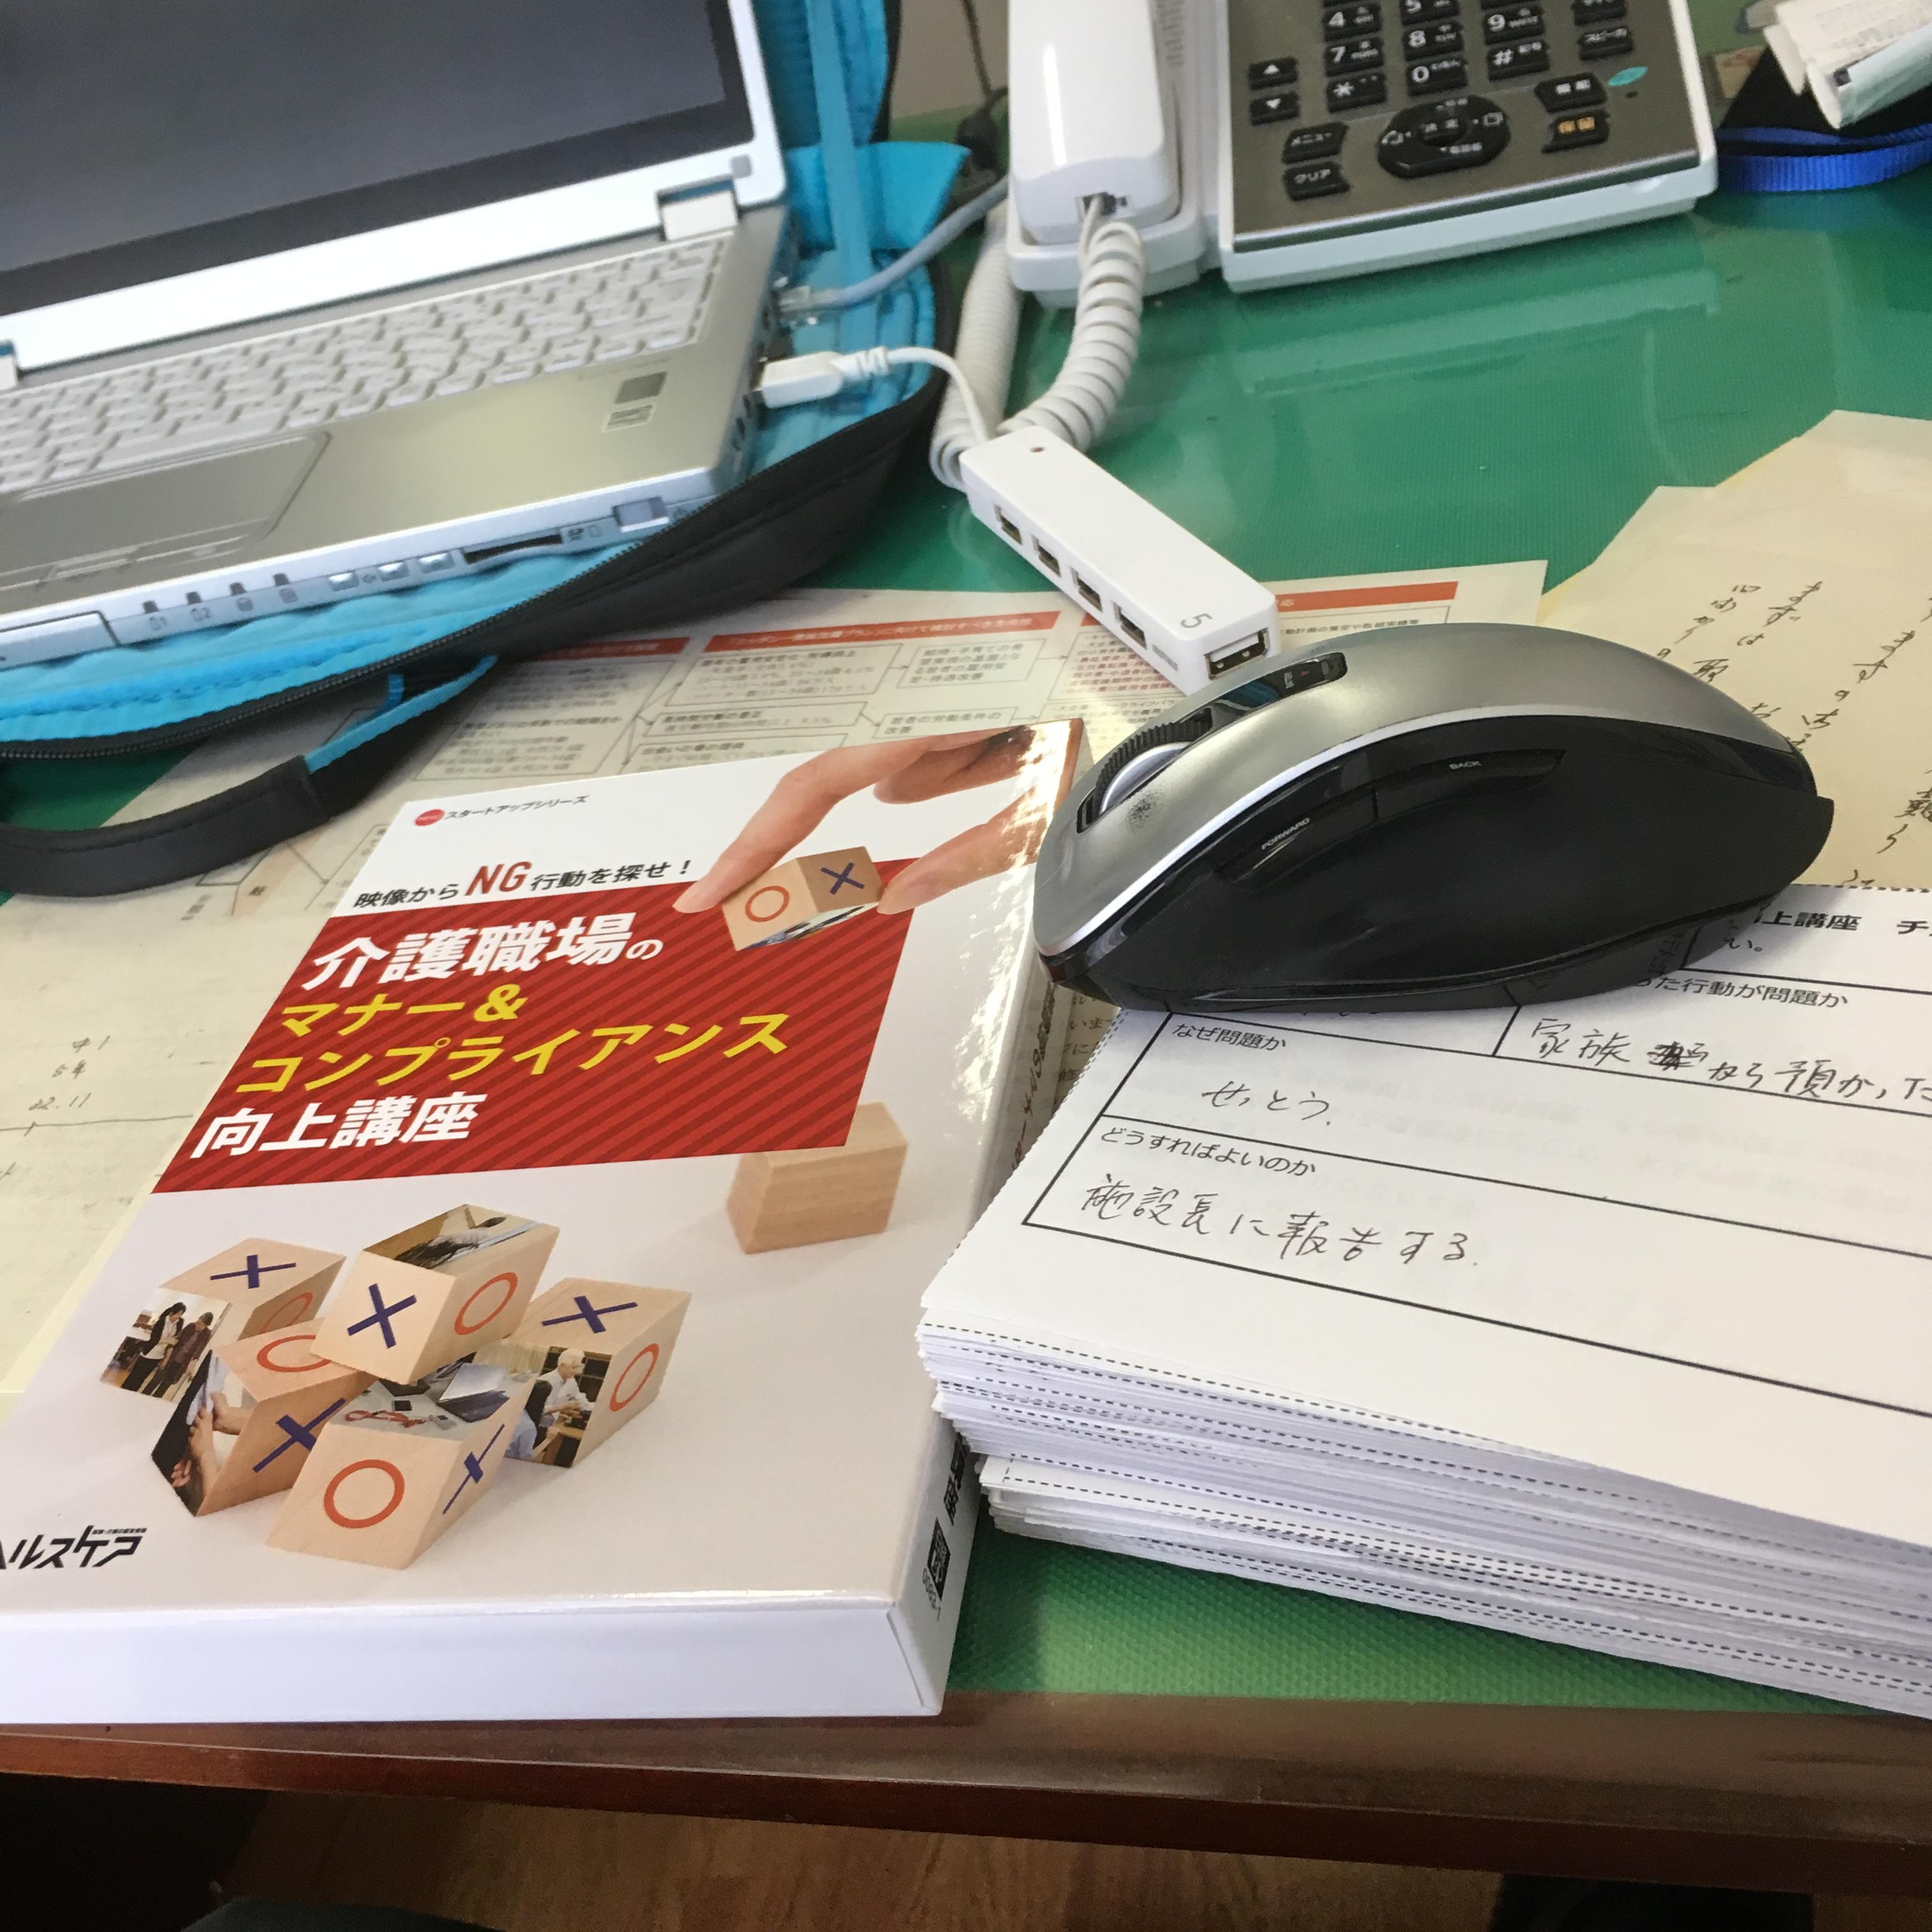 マナー&コンプラ研修